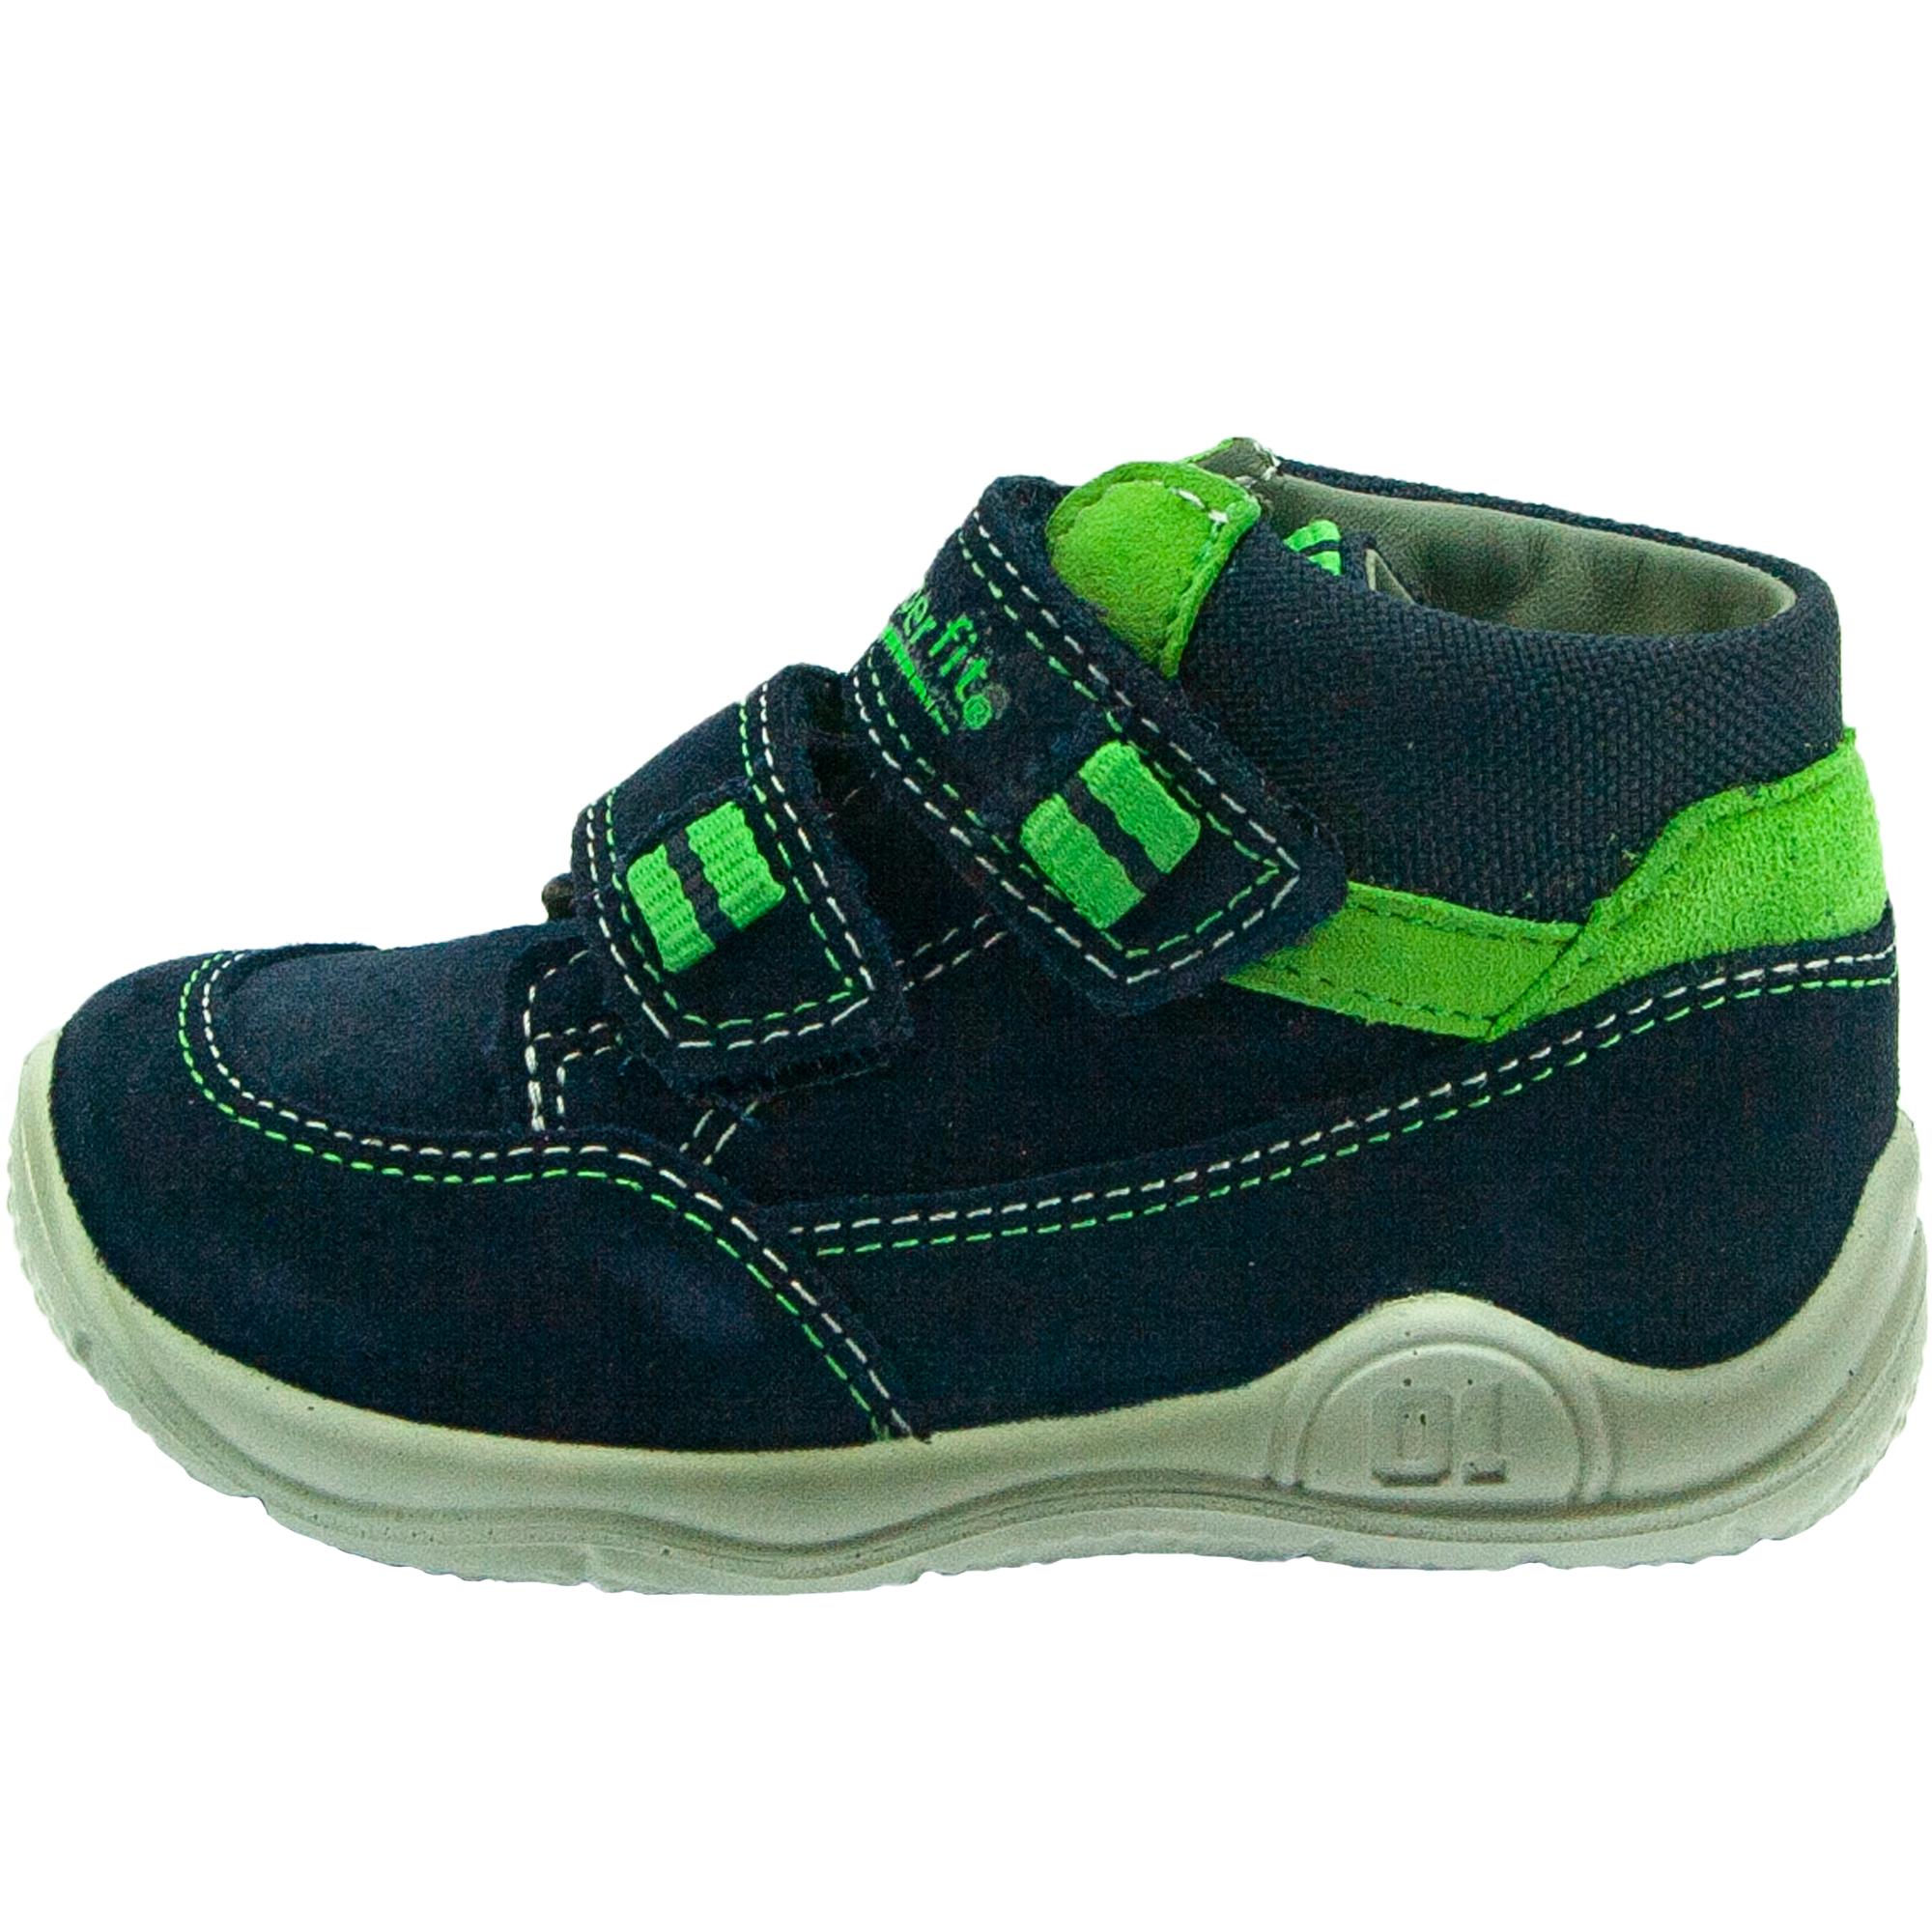 Superfit celoroční dětská obuv 8-09415-80 Universe a429f6b72d